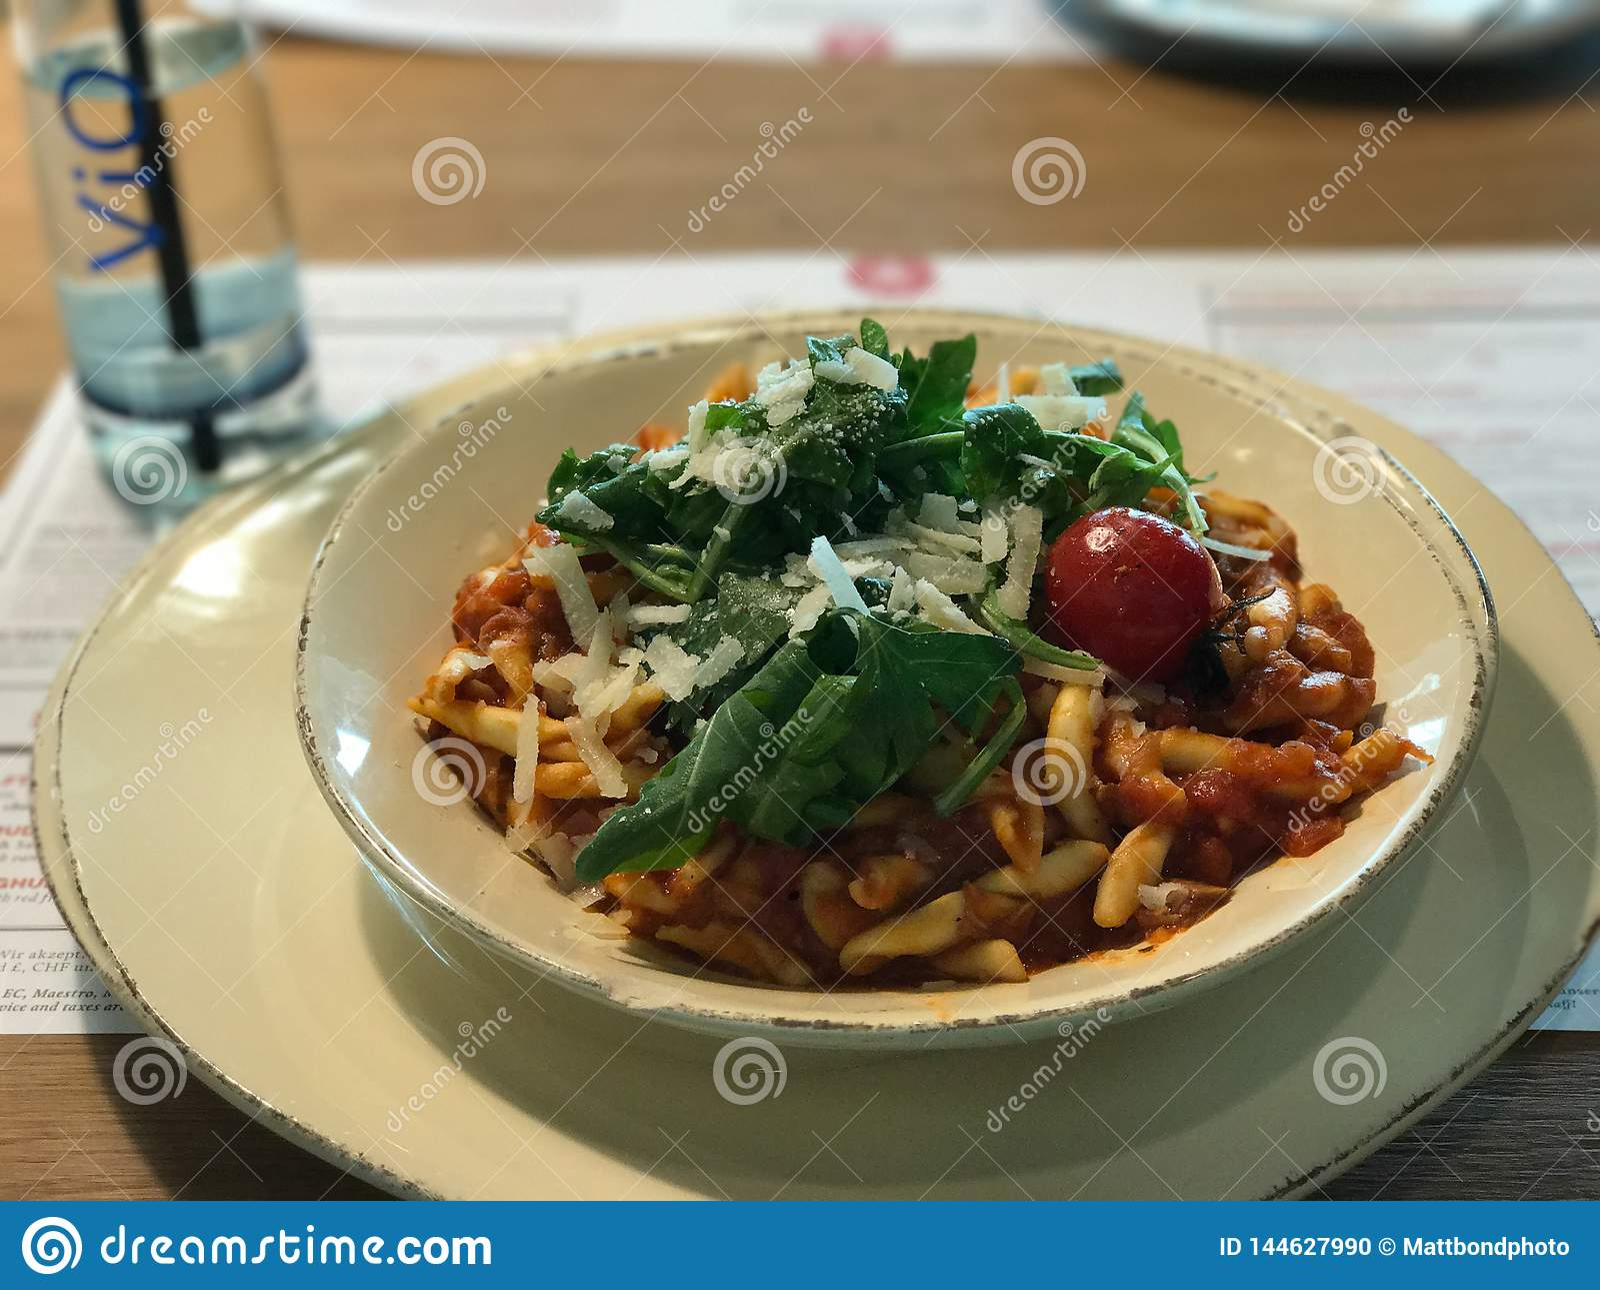 Gnocchi com molho de tomate, queijo parmesão, tomate de cereja e salsa